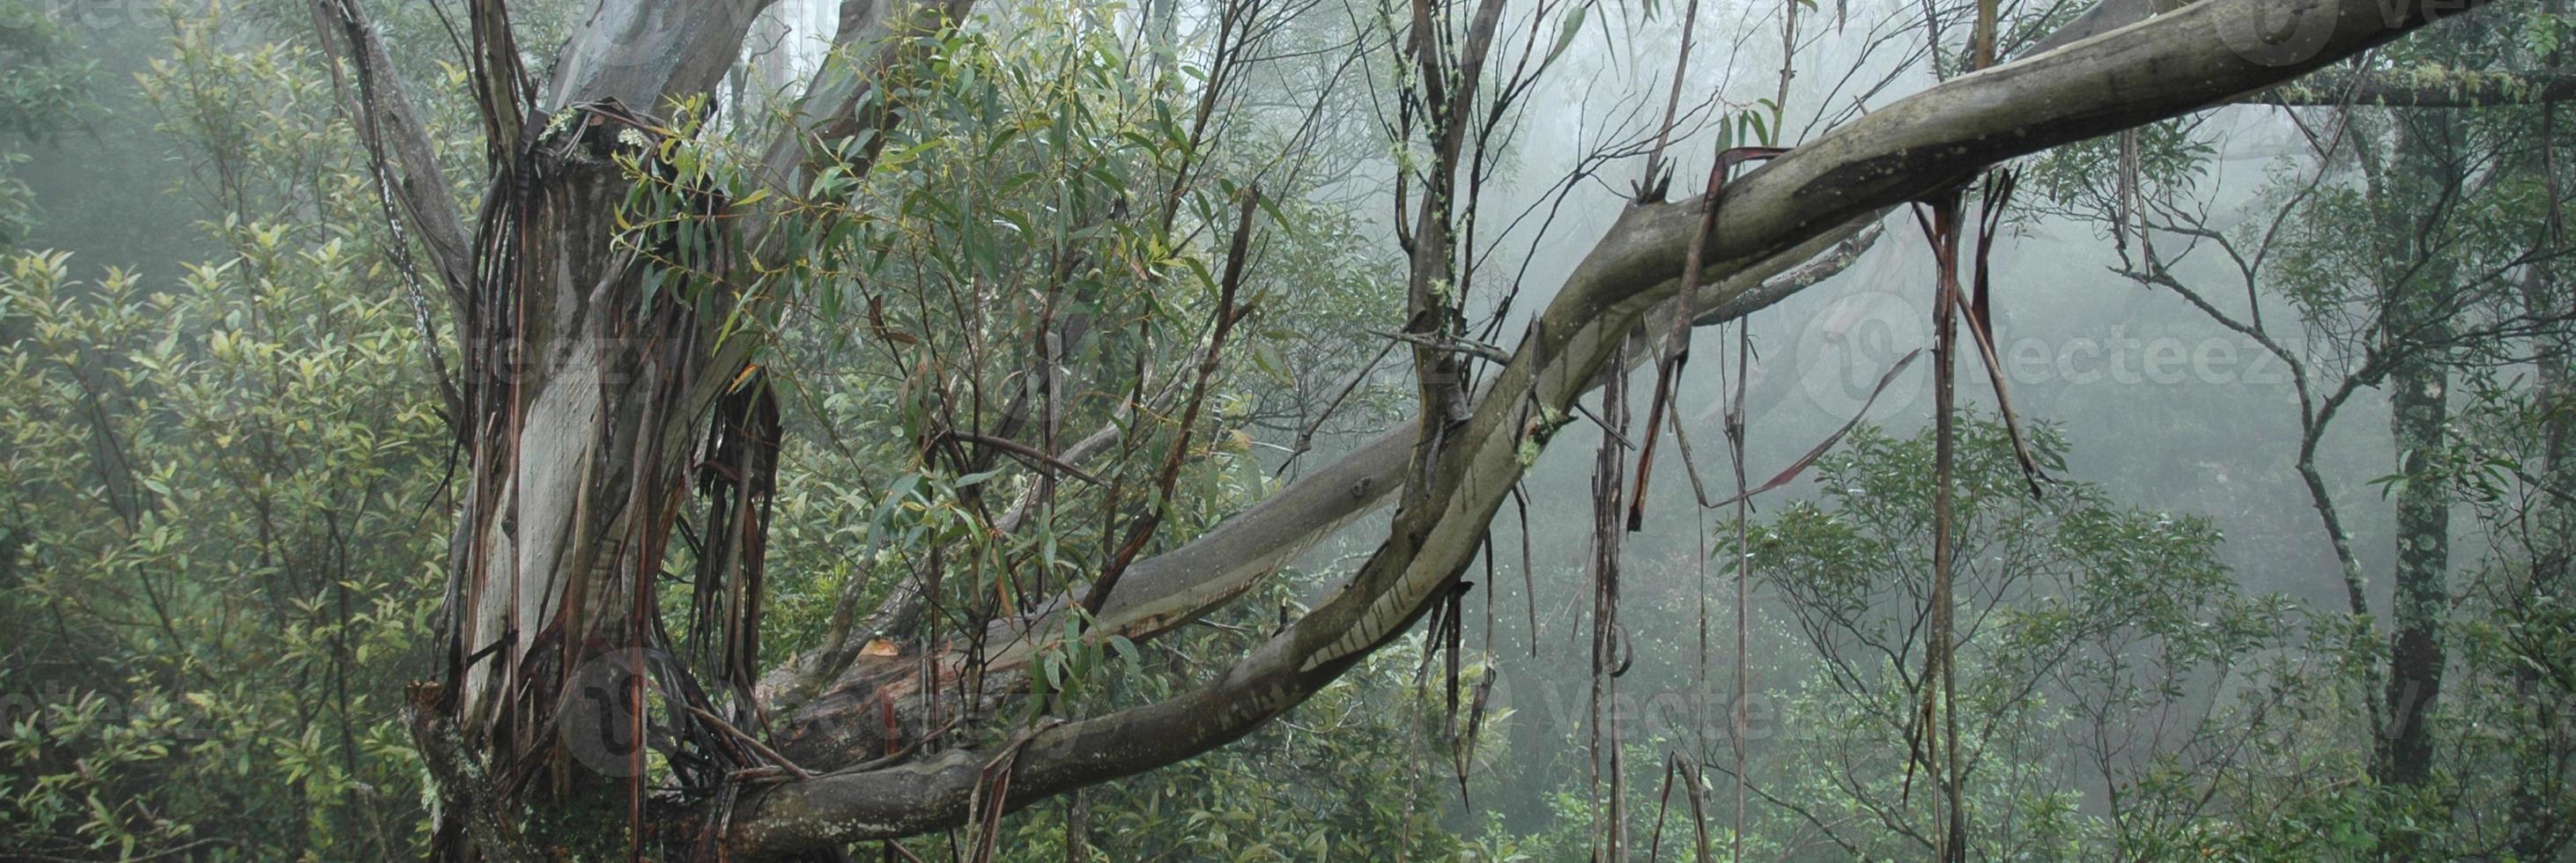 het bos foto